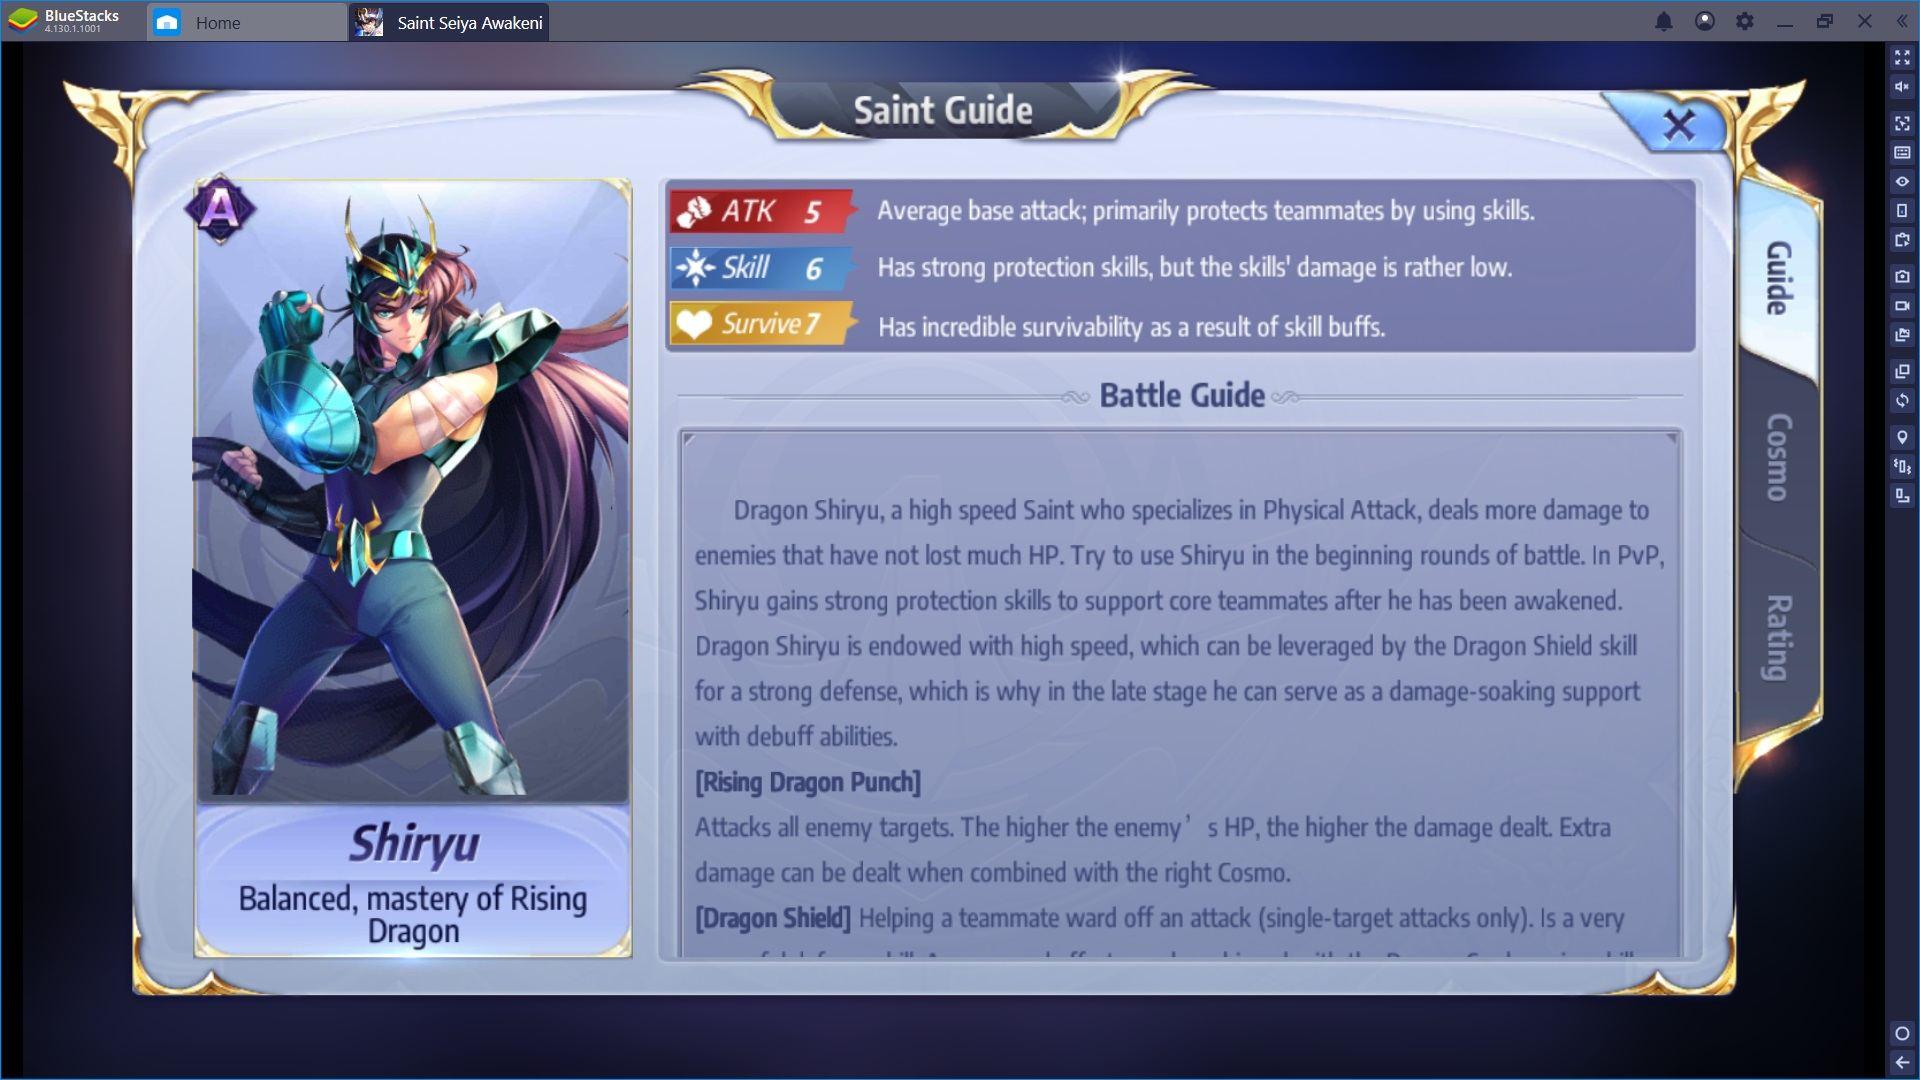 Introduzione a Saint Seiya Awakening – Il nuovo gioco dei Cavalieri dello Zodiaco!